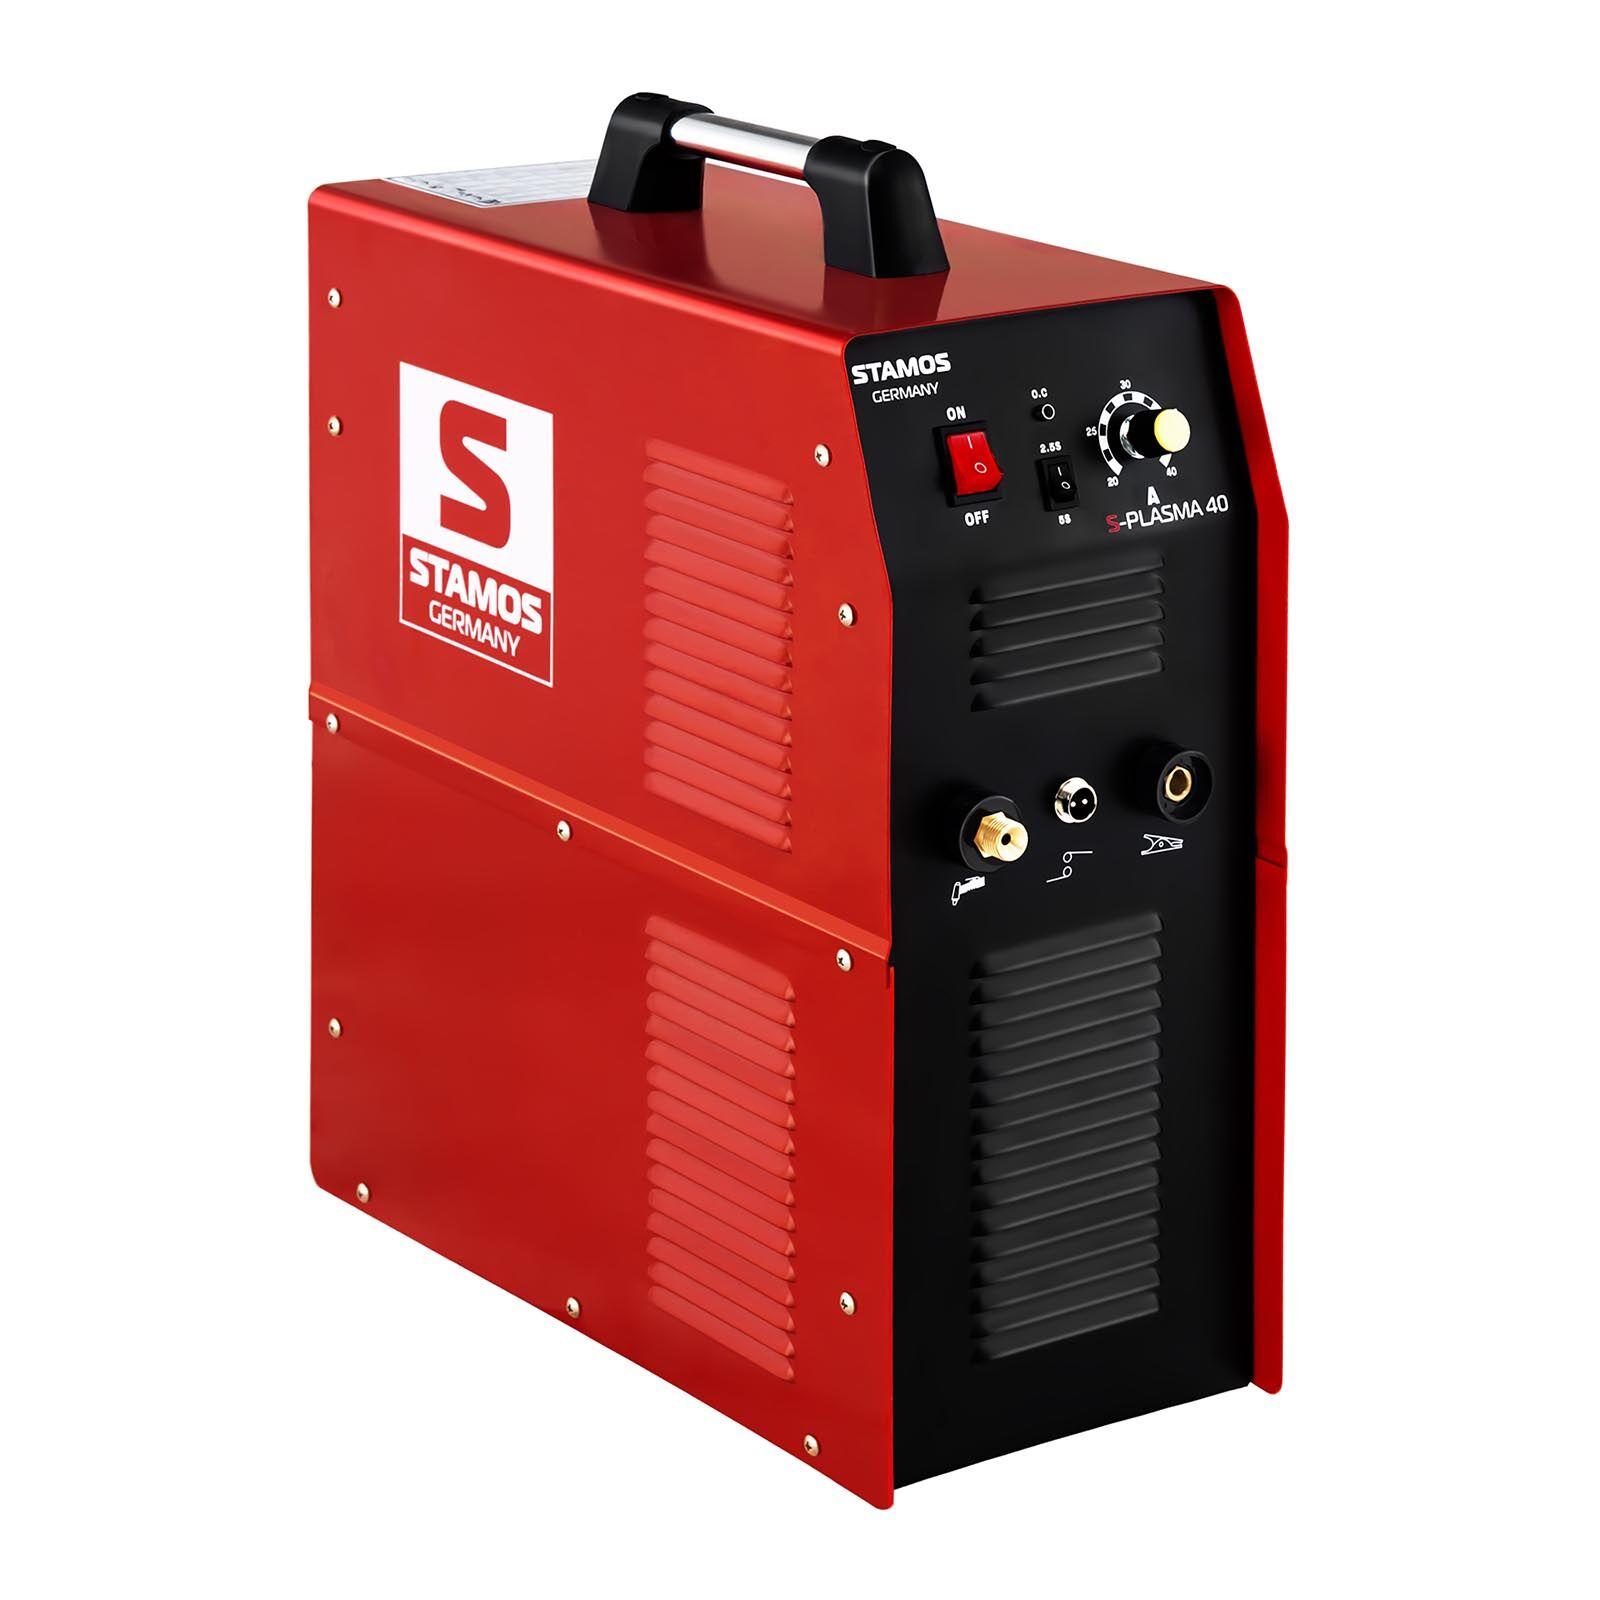 stamos germany tagliatrice al plasma - 40 a - 230 v - compressore ad aria integrato - per uso professionale